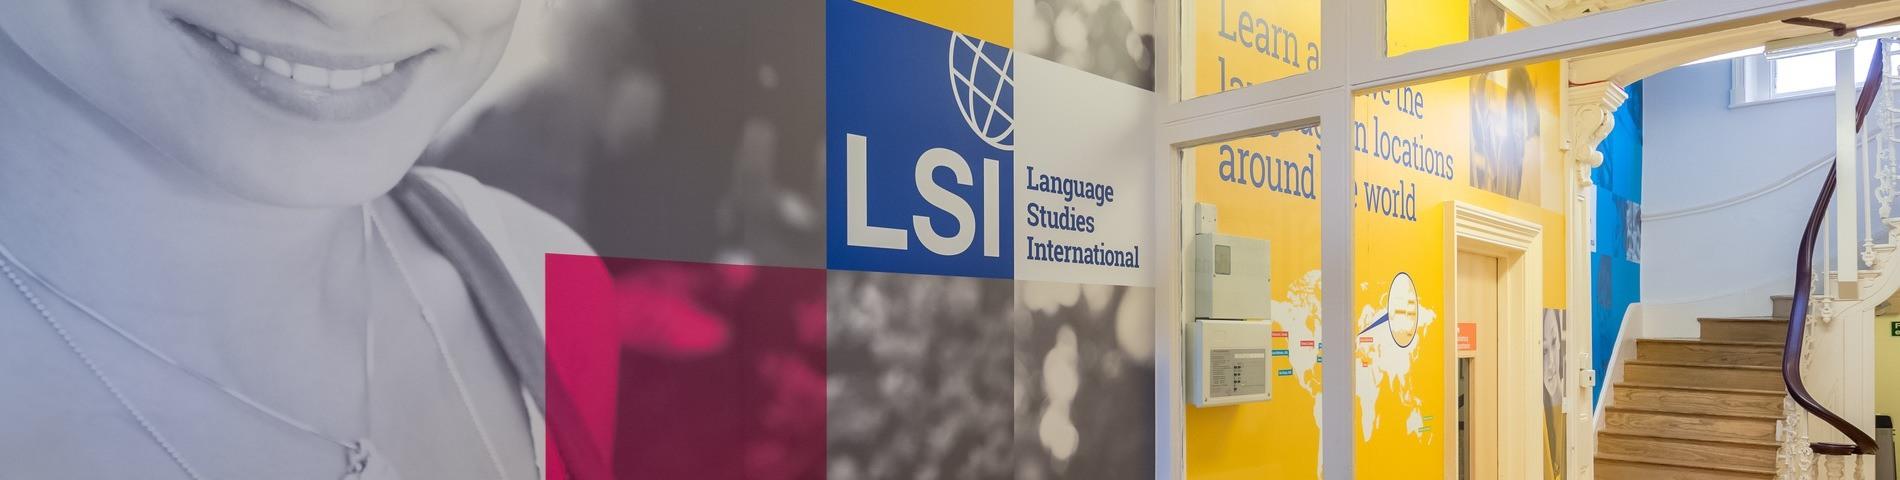 LSI - Language Studies International - Hampstead Bild 1